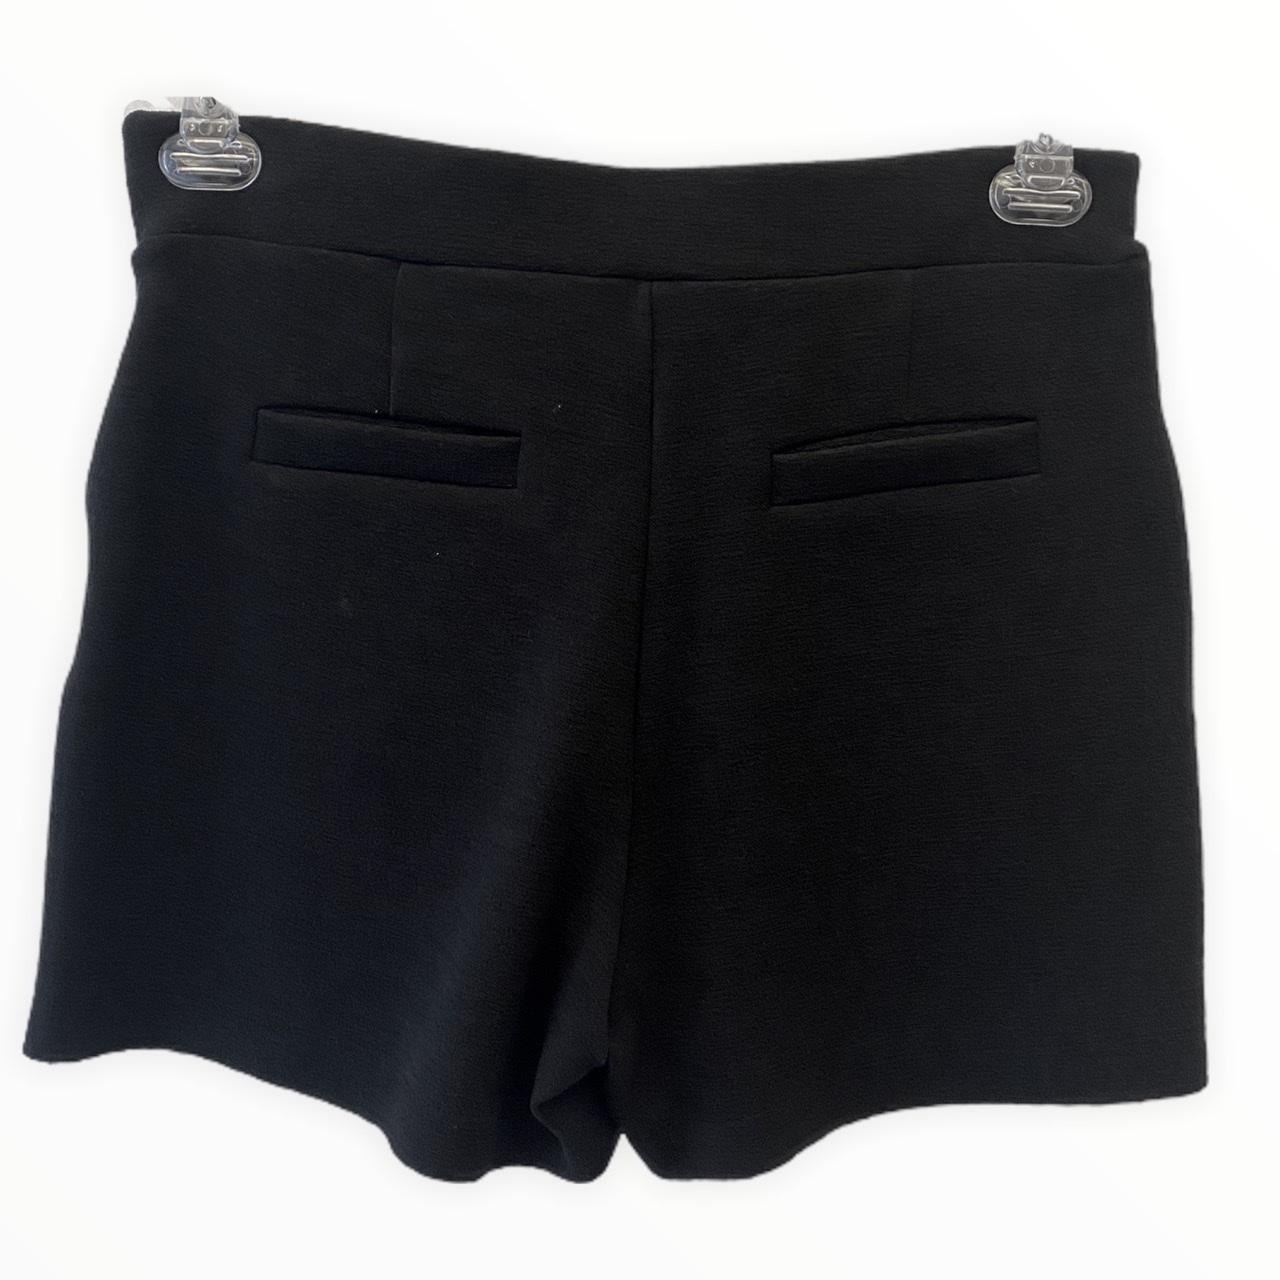 Shorts em buclê preto com saia sobreposta